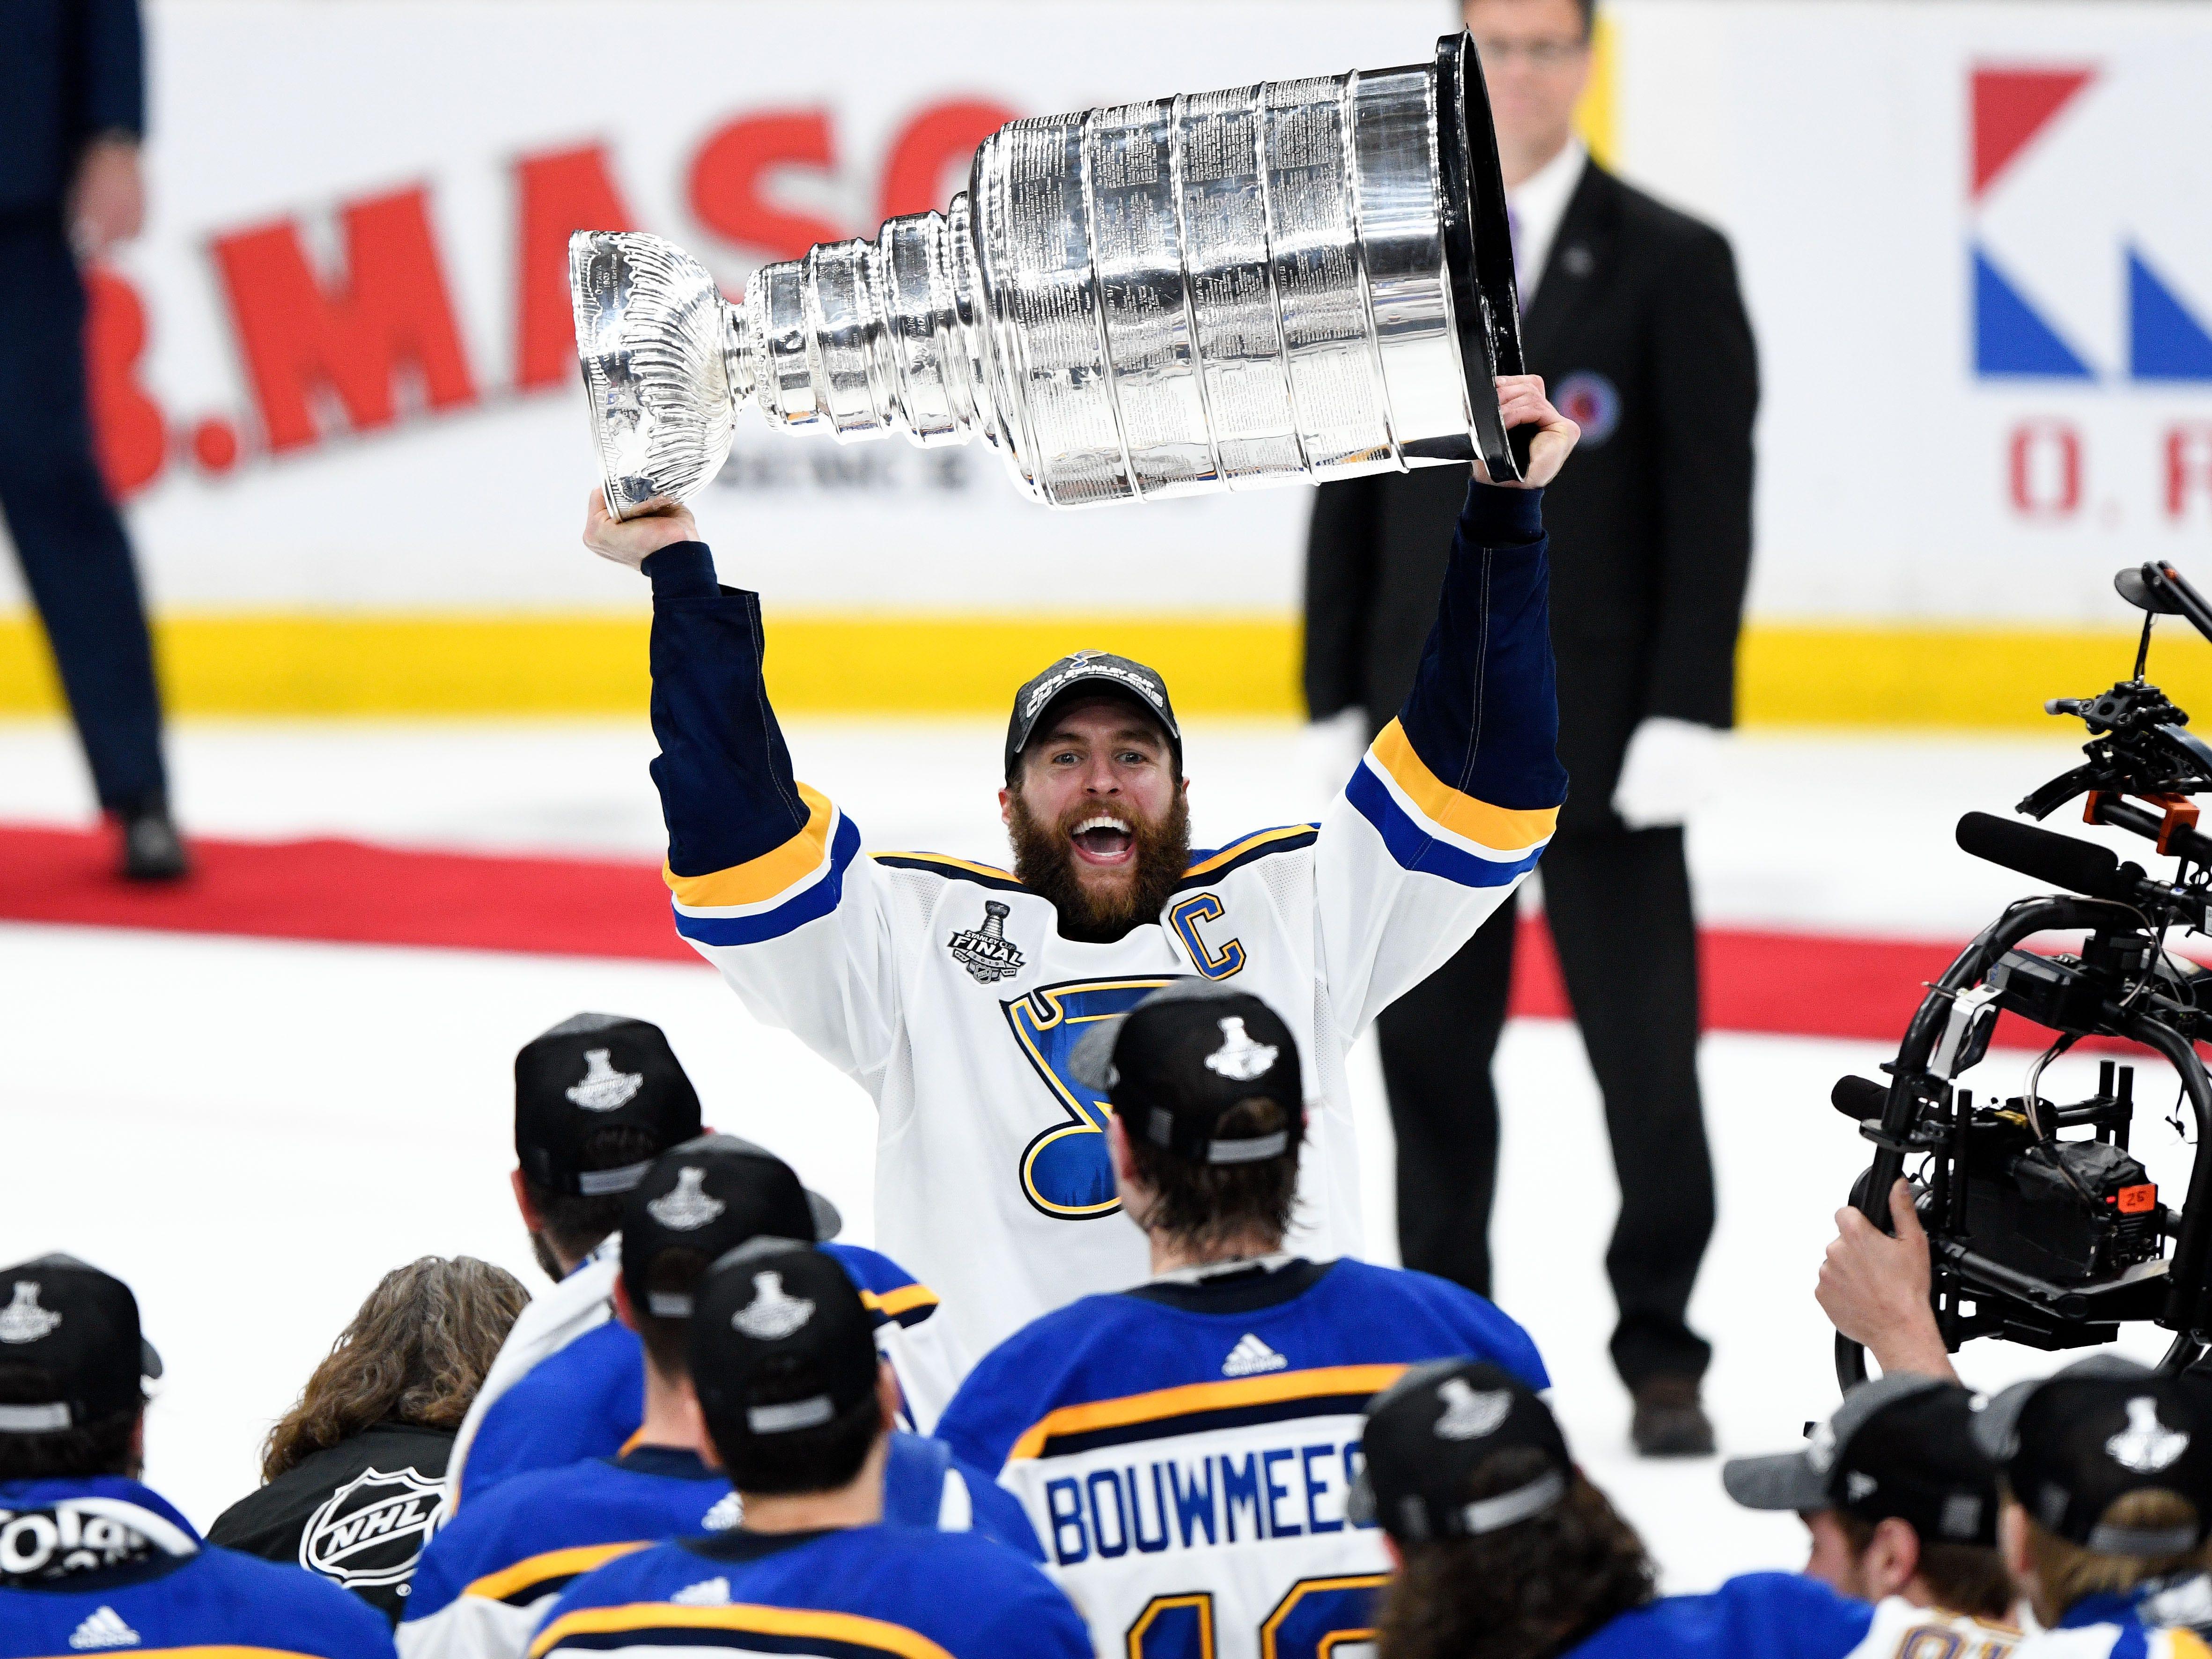 Stanley Cup: Blues fan wins $100K as St. Louis beats Boston on